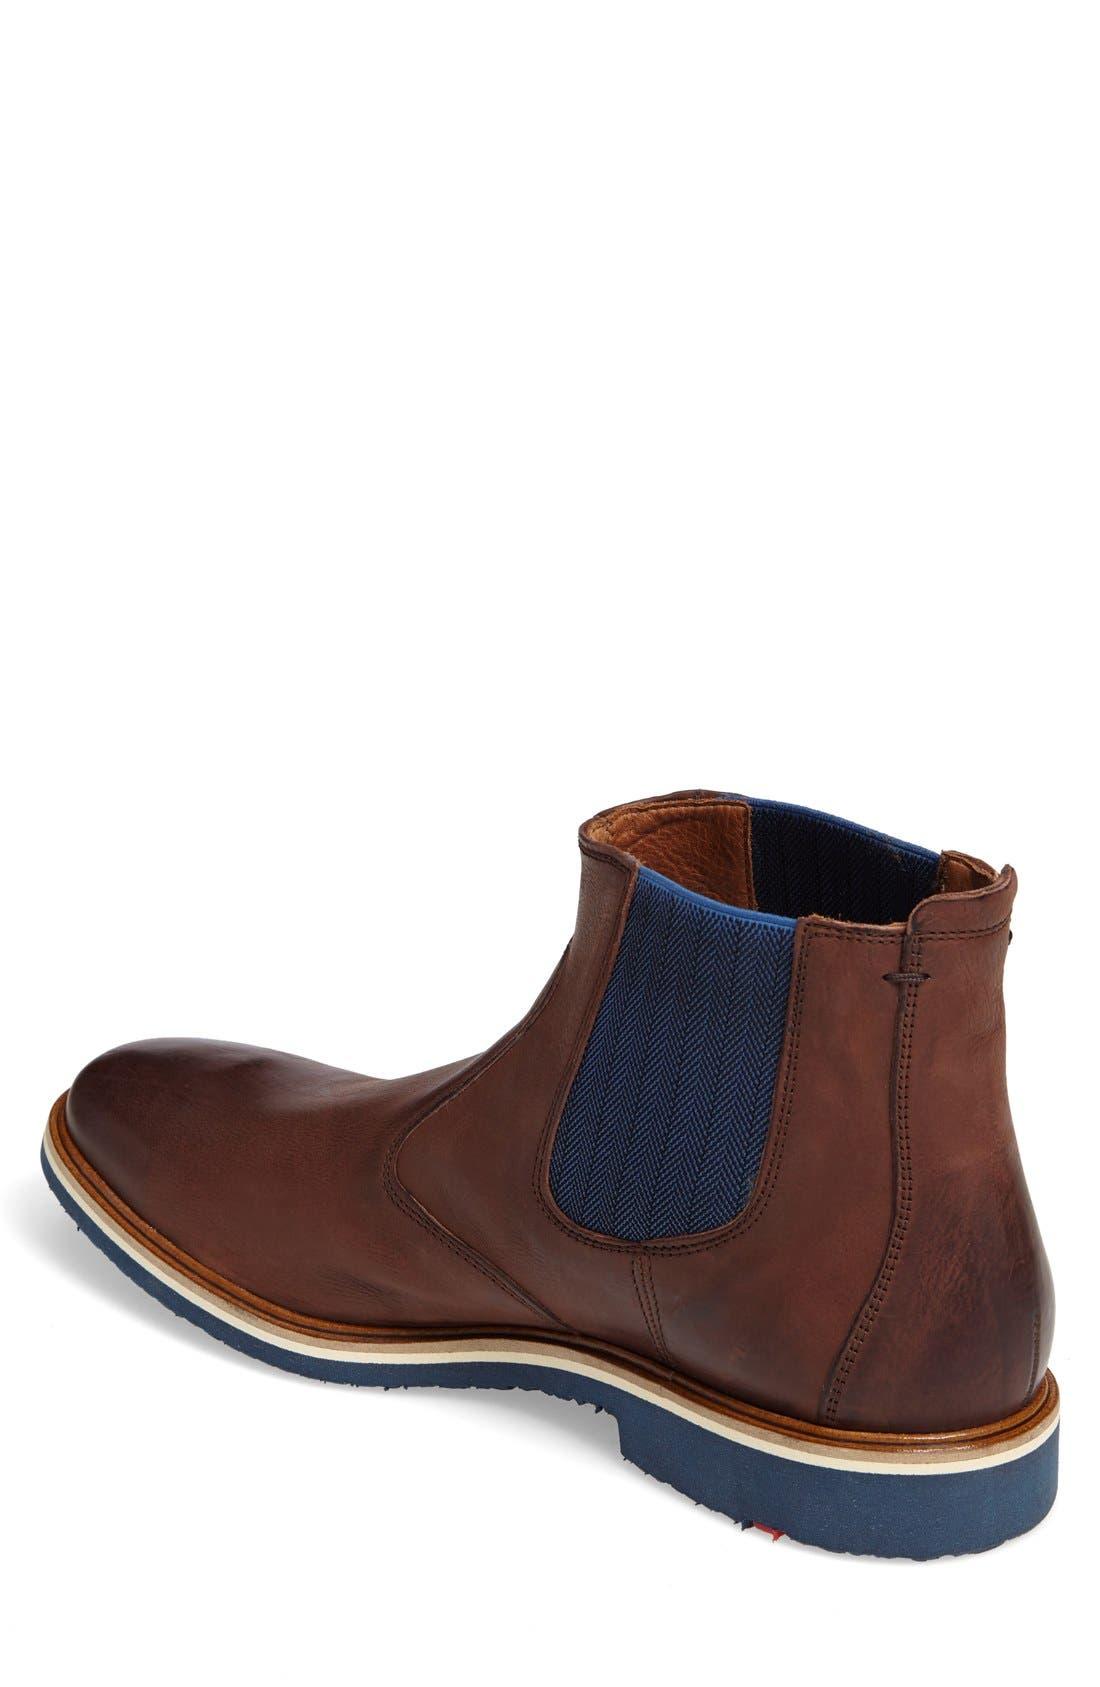 Alternate Image 2  - Lloyd Slava Mid Chelsea Boot (Men)